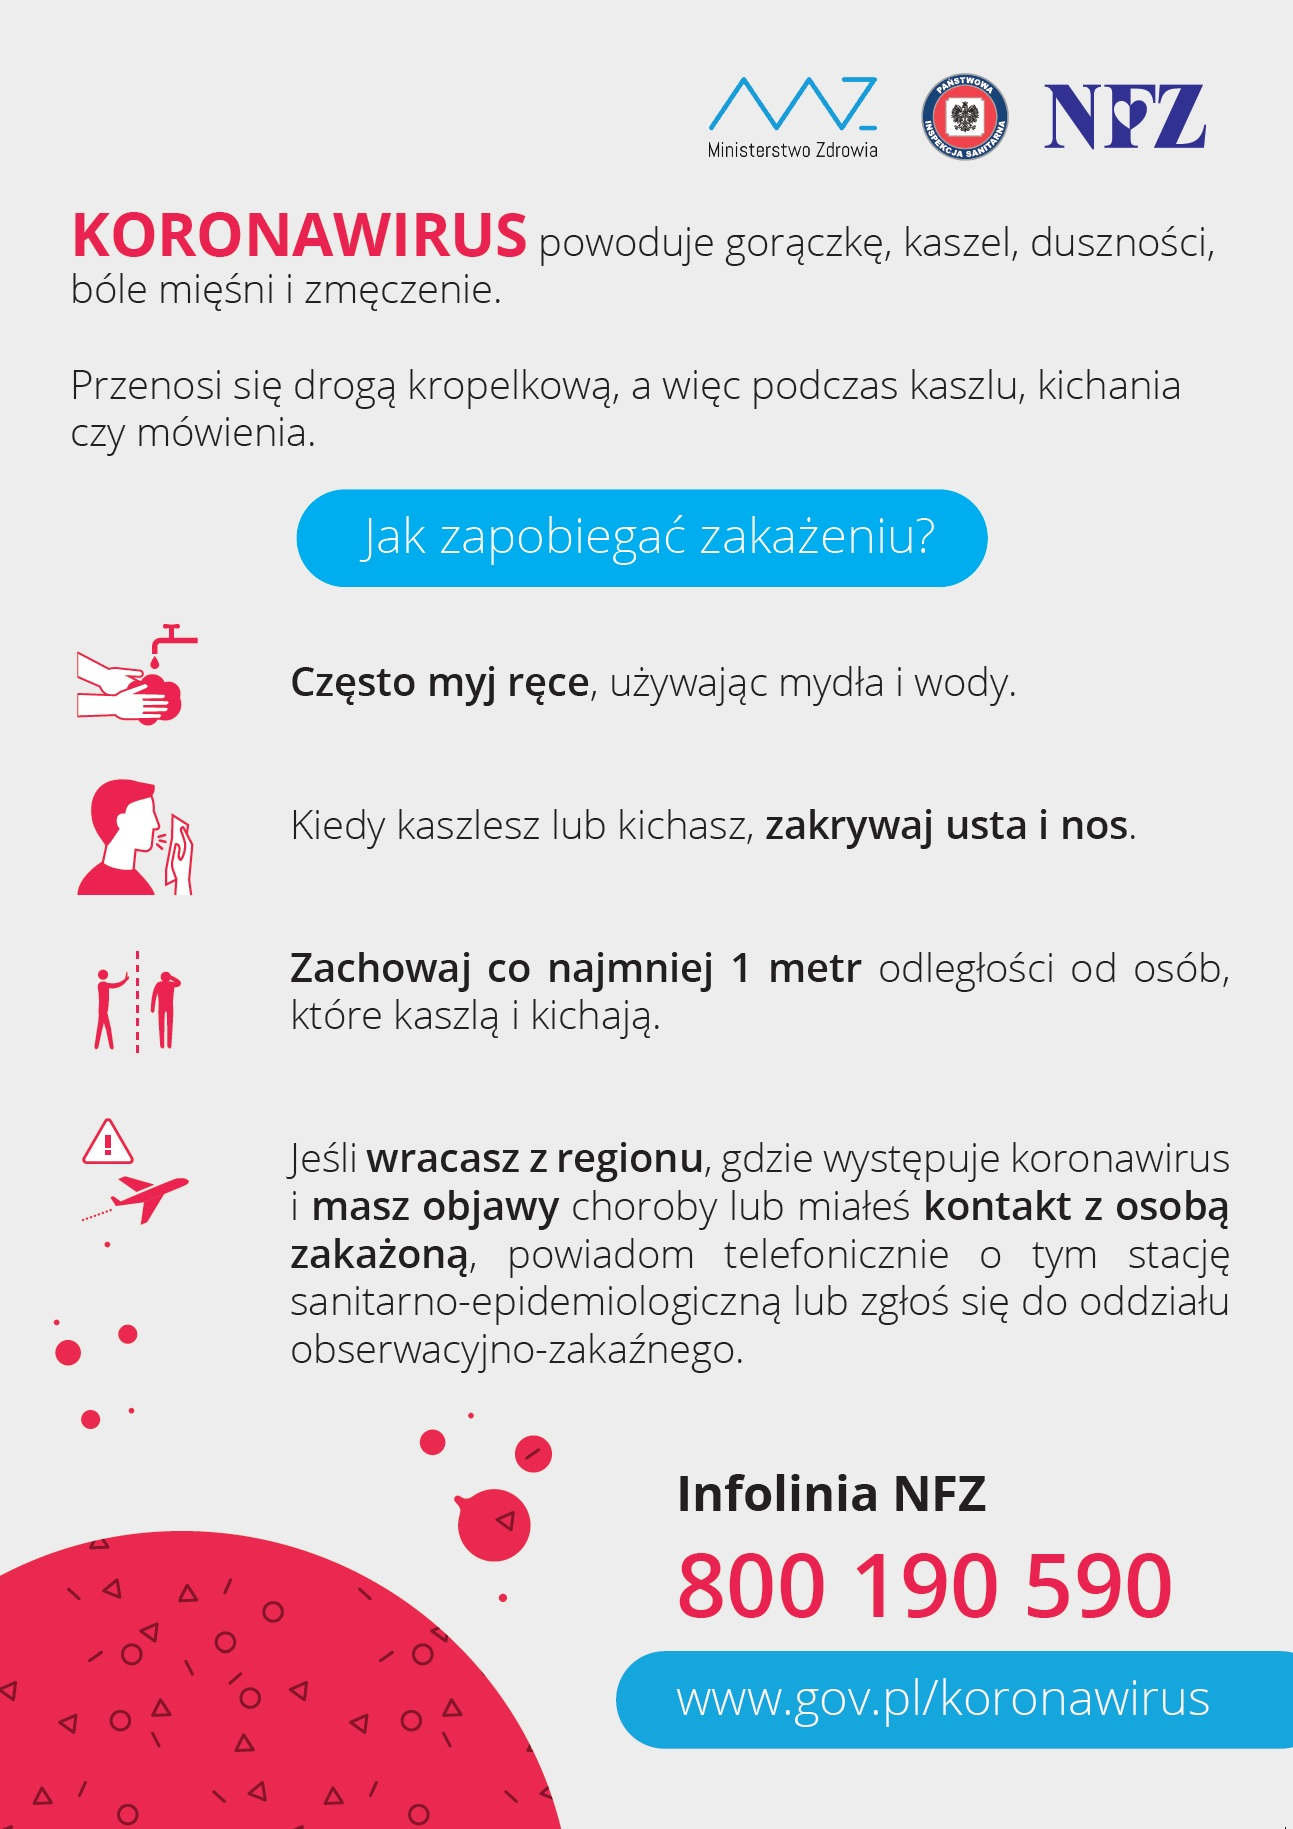 koronawirus-info